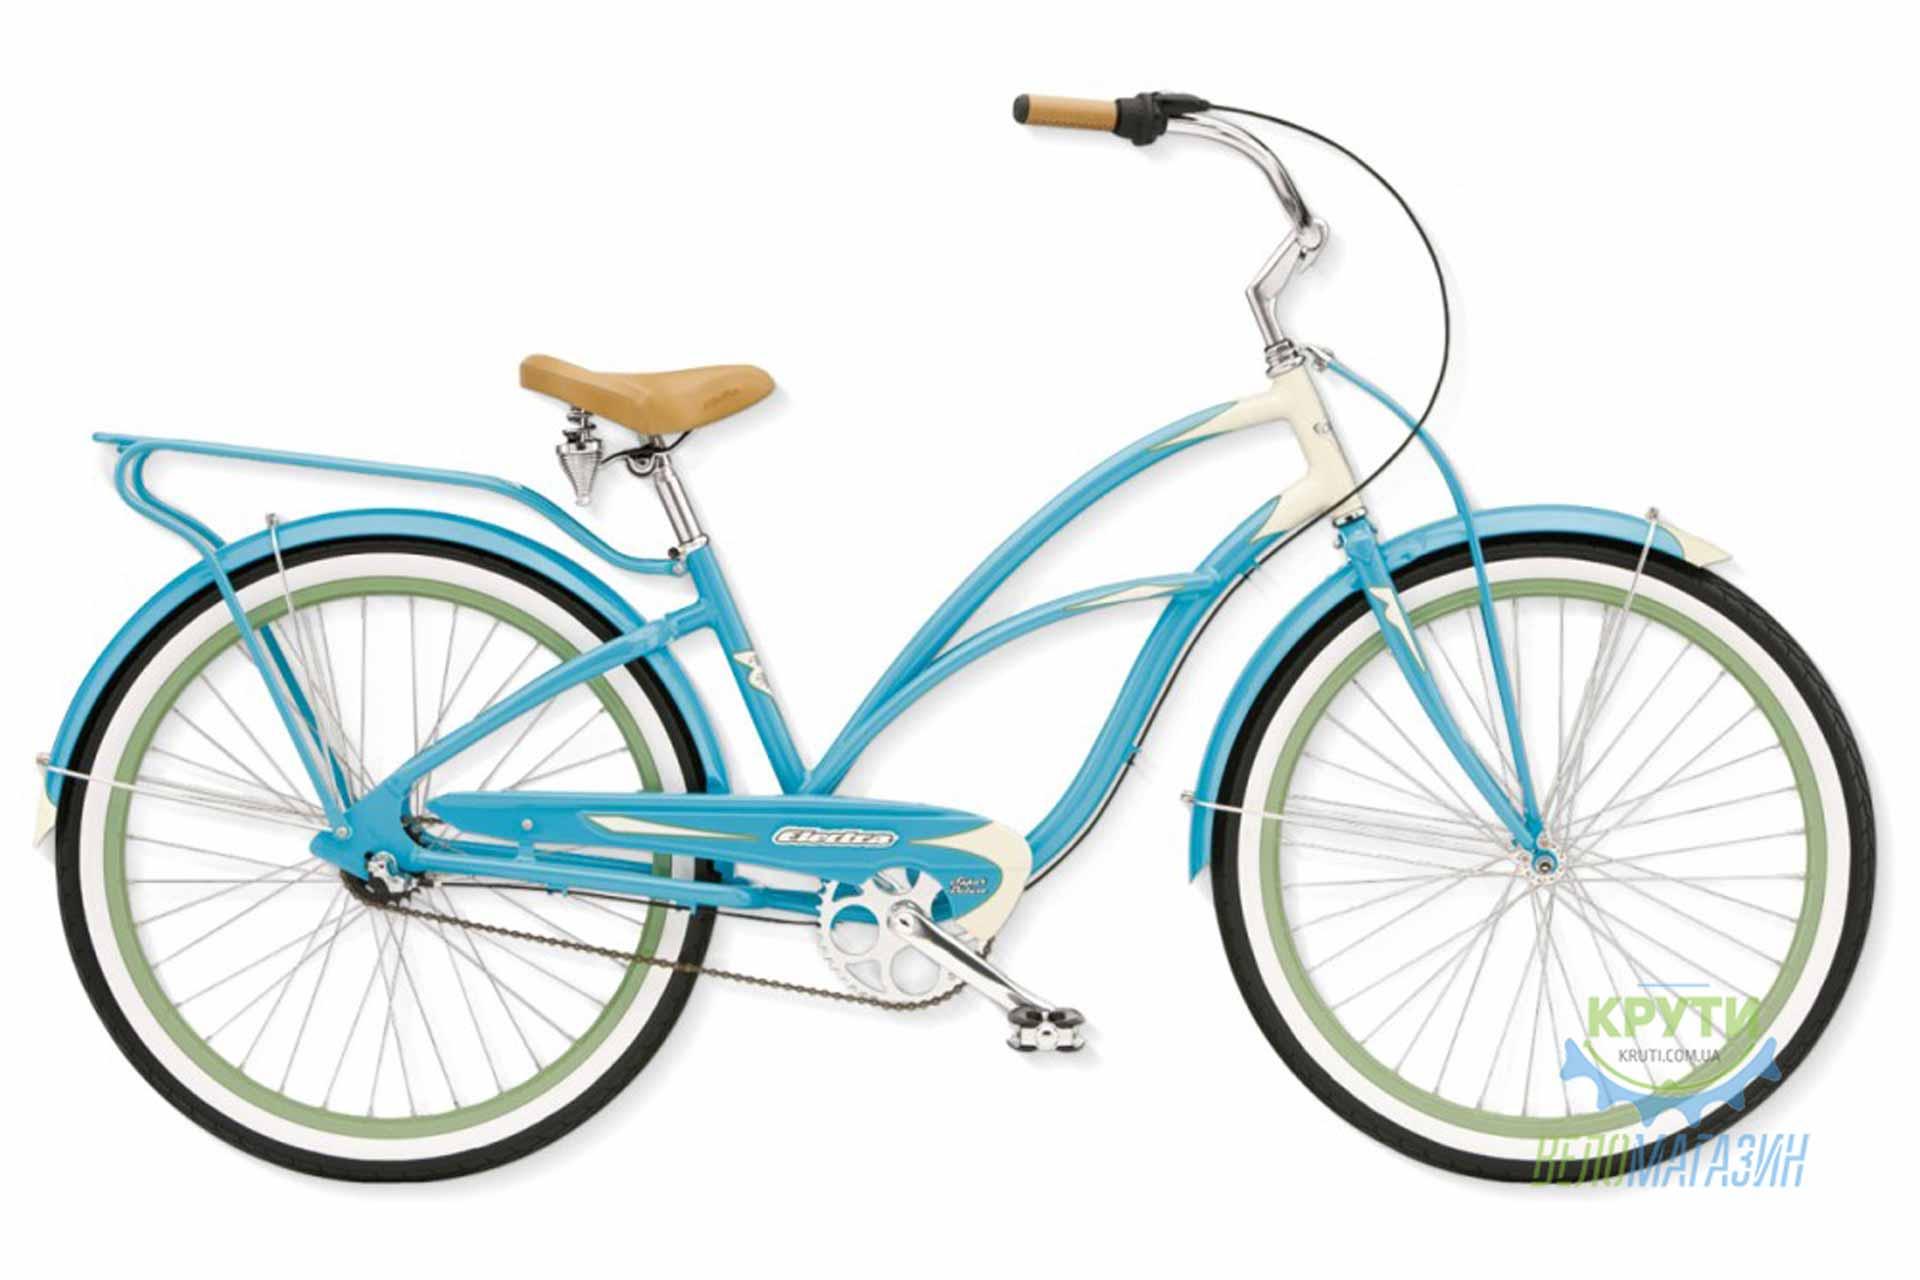 Велосипед 26 Electra Super Deluxe 3i Ladies' (Alloy) Aqua/Cream